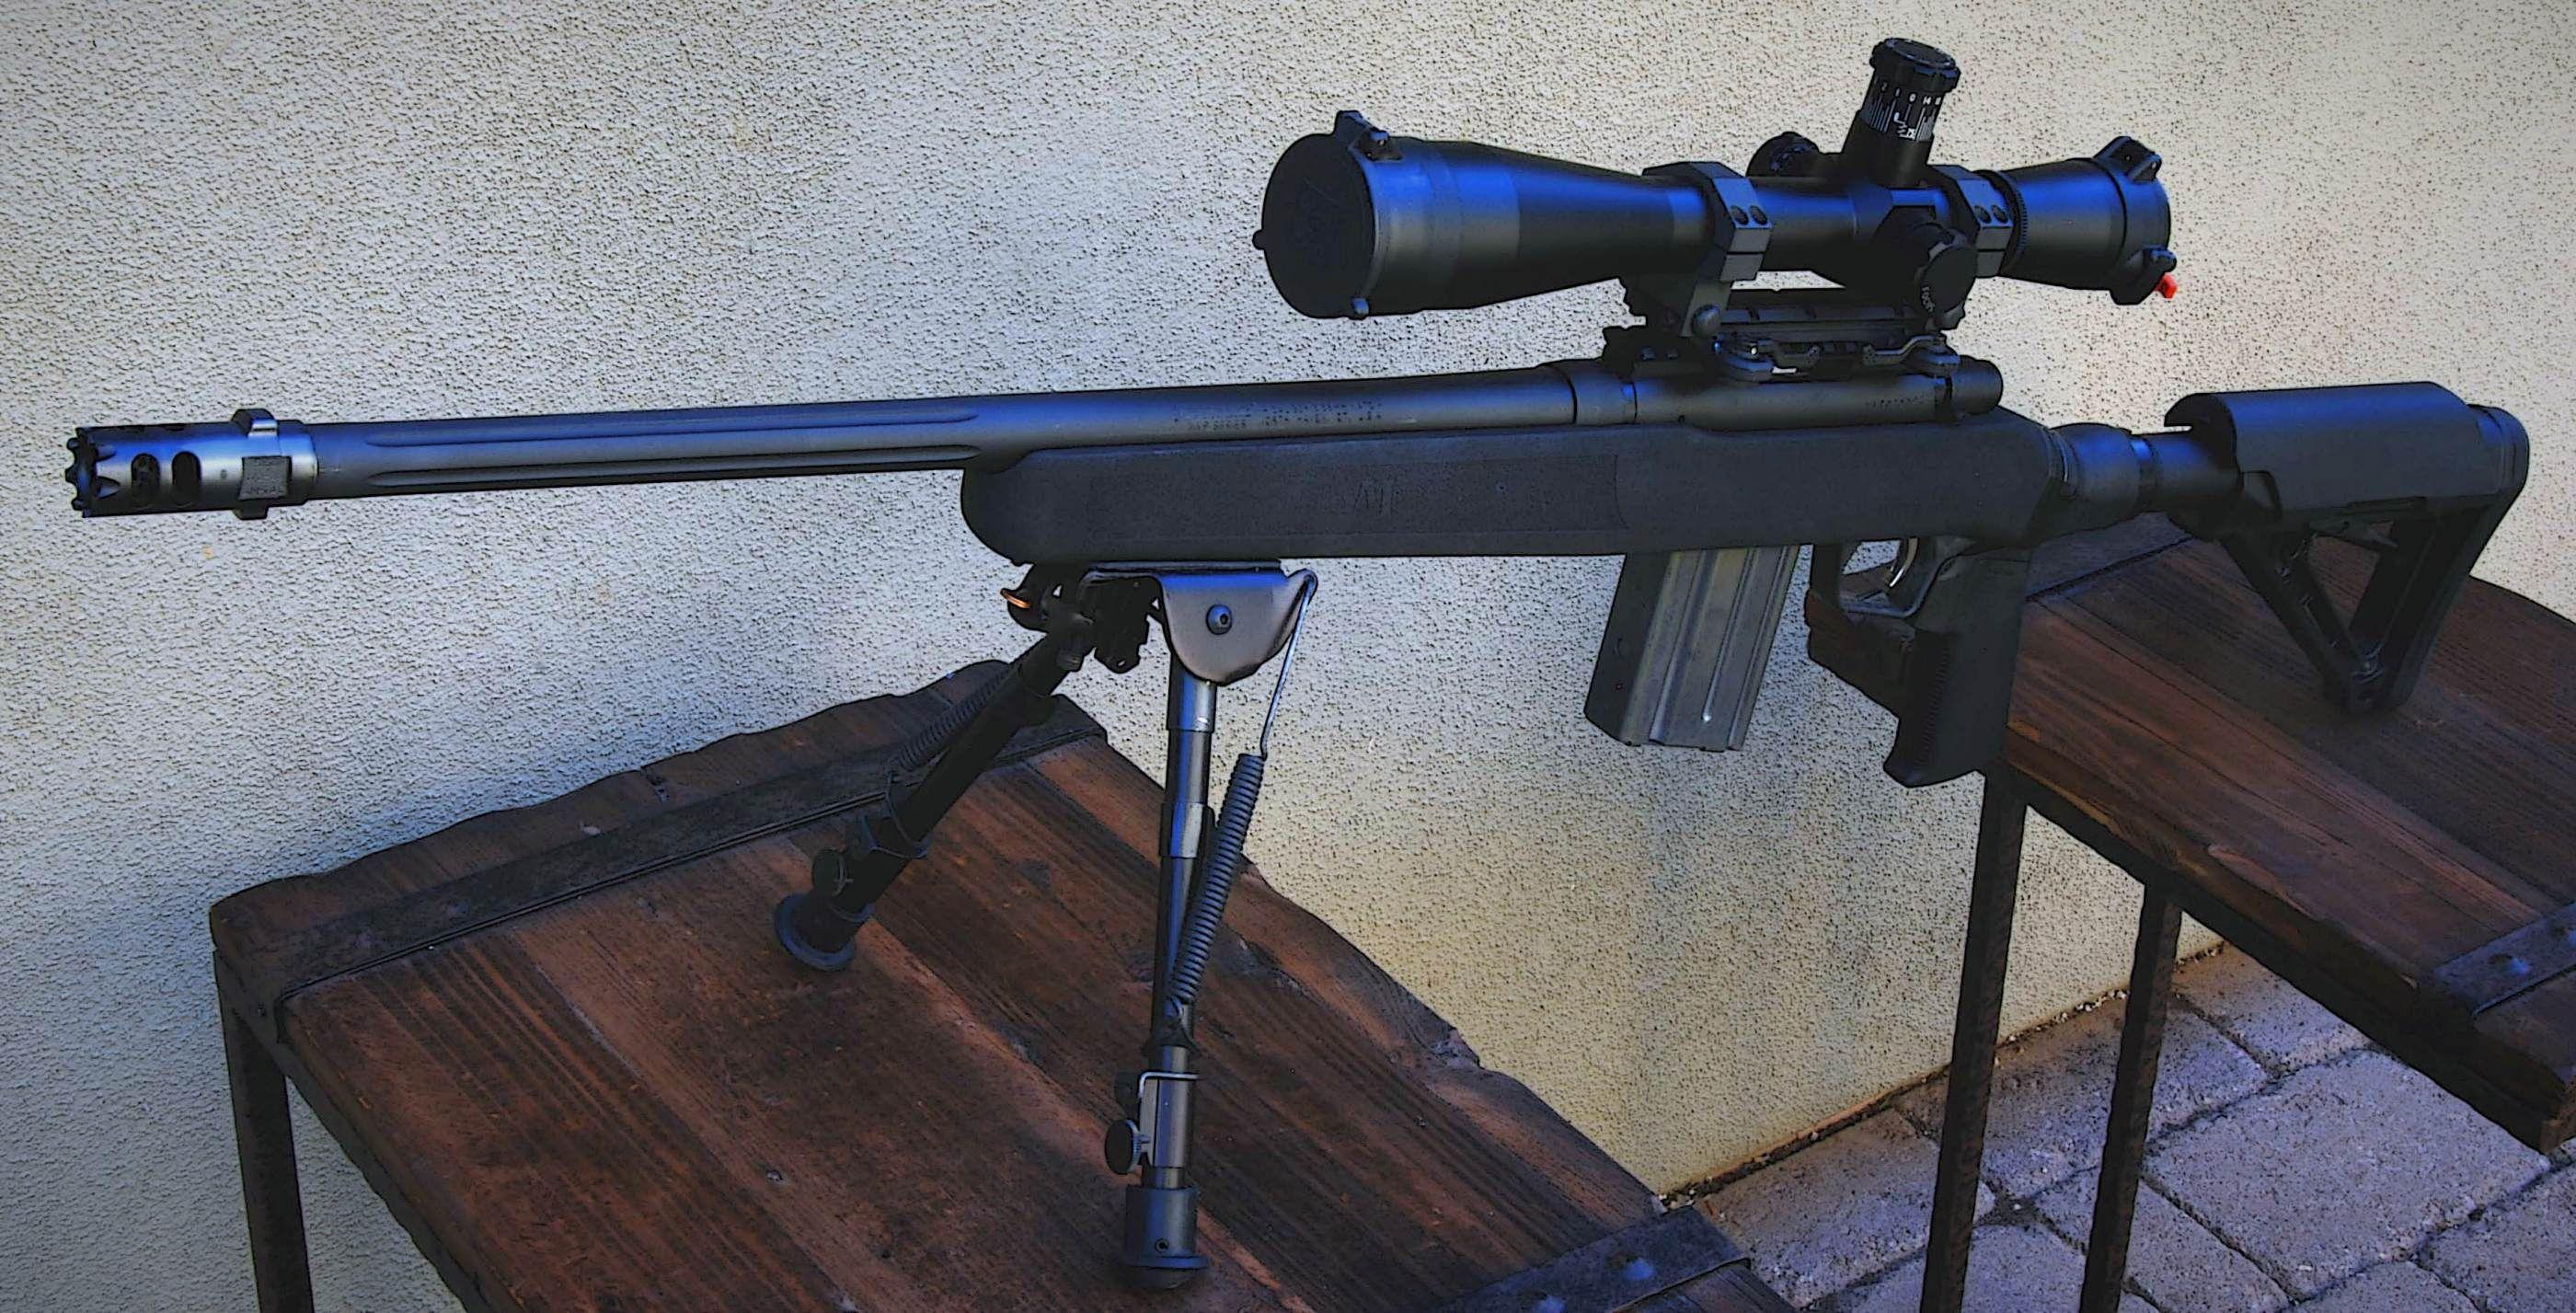 Mossberg MVP  223 with FLEX stock | Guns | Guns, Hand guns, Mossberg mvp